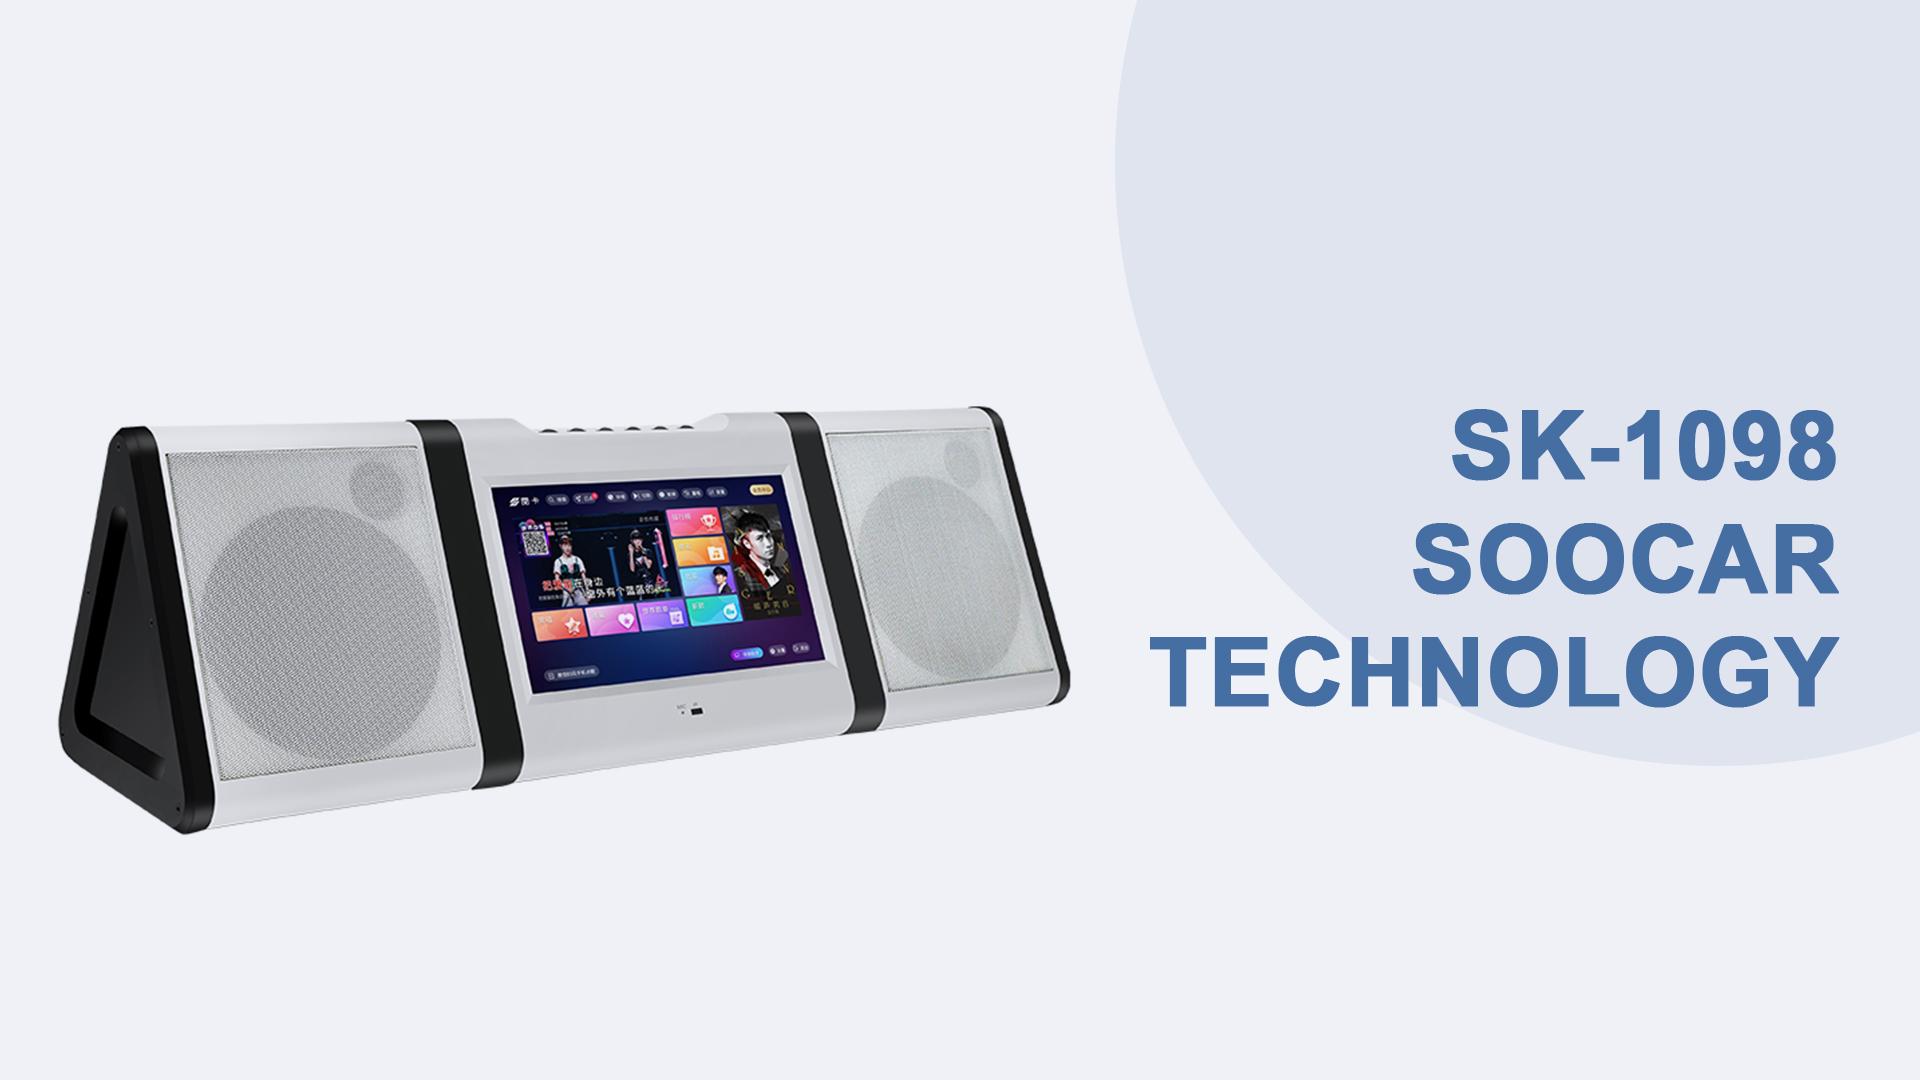 SOOCAR Technology المحمولة مجموعة الكاريوكي مع المواد البلاستيكية SK-1098